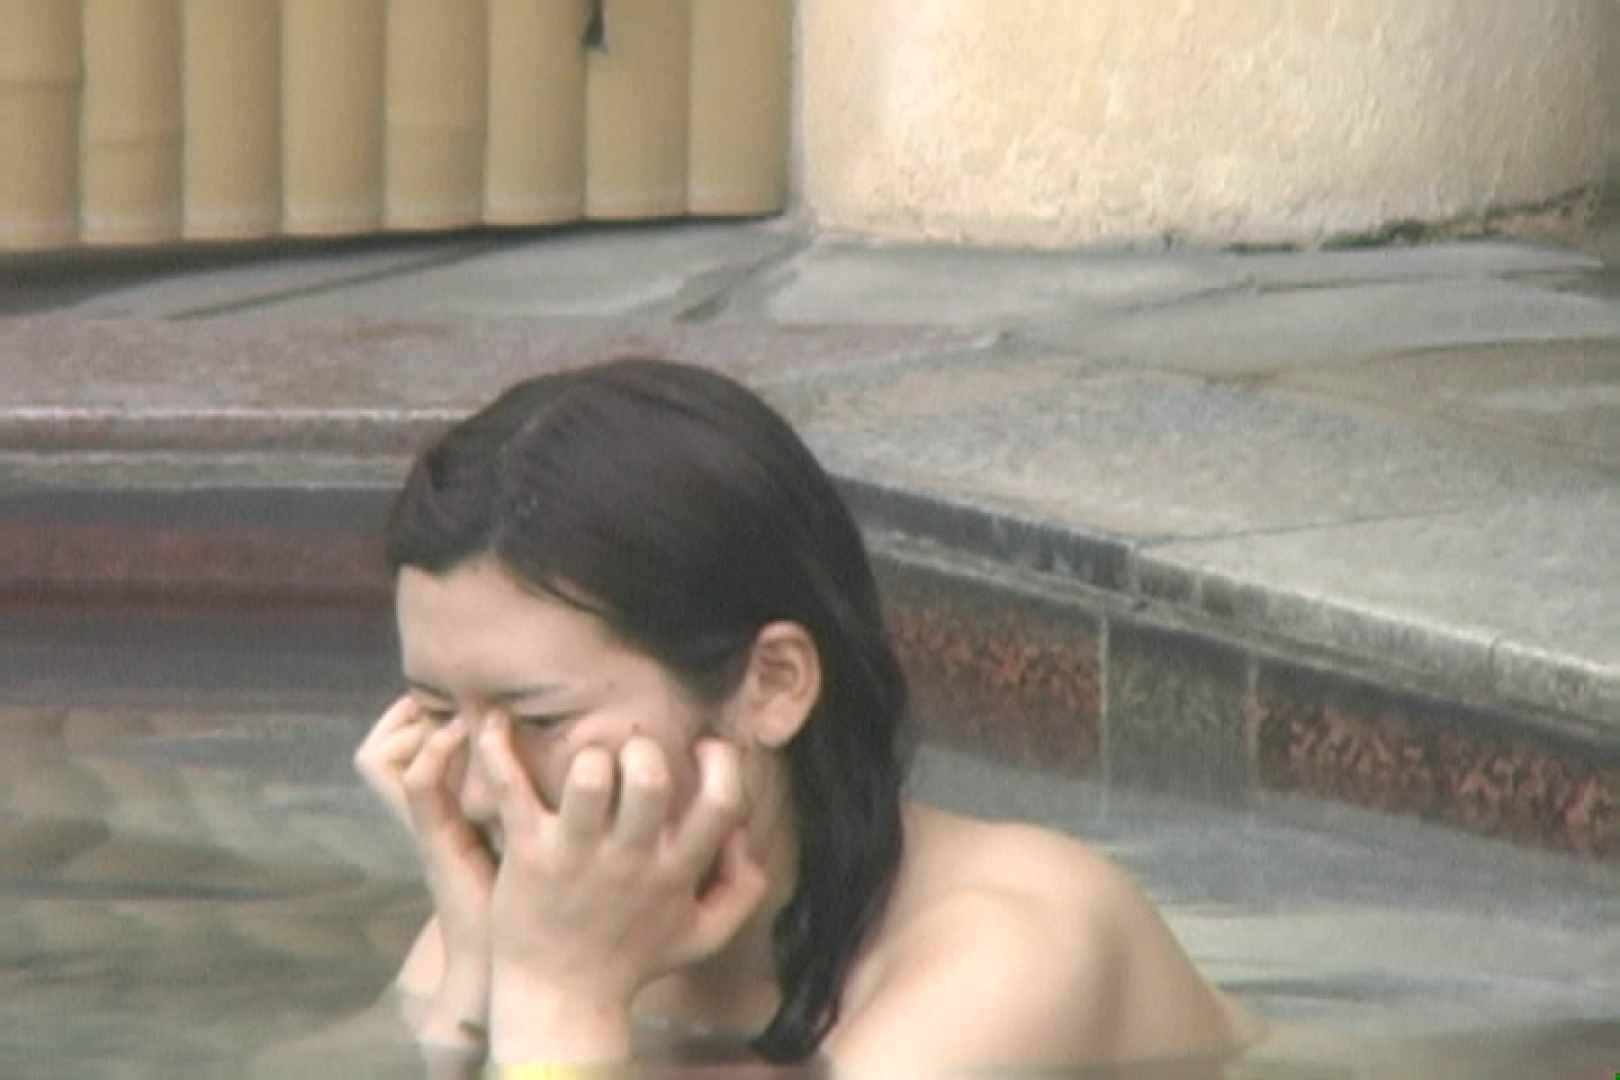 高画質露天女風呂観察 vol.010 美しいOLの裸体 すけべAV動画紹介 99pic 23